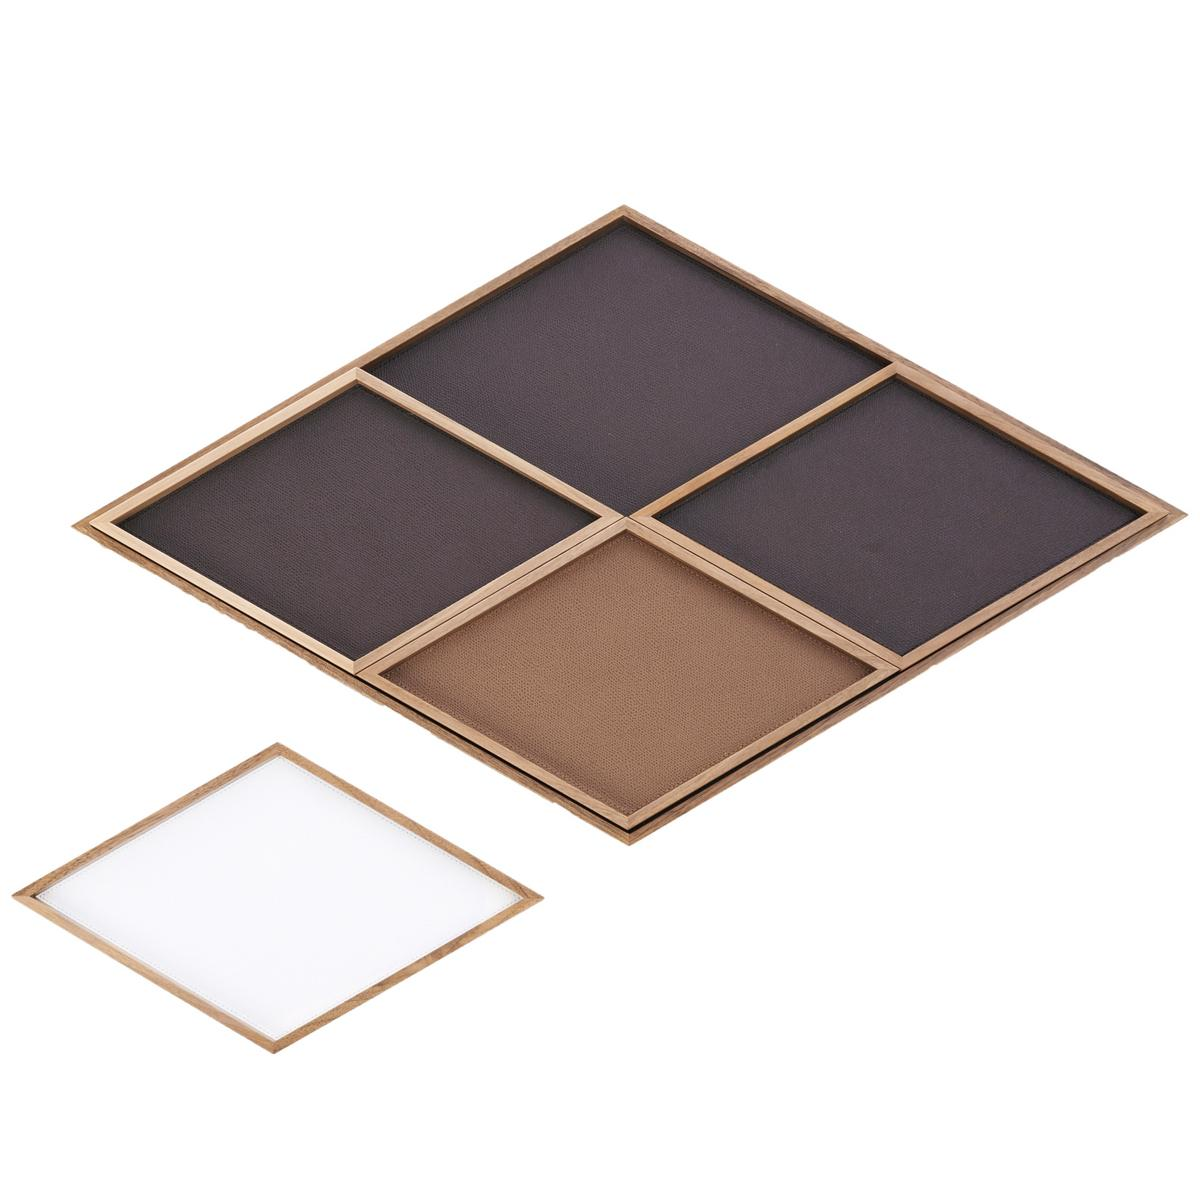 GioBagnara Phorma Diamond trays